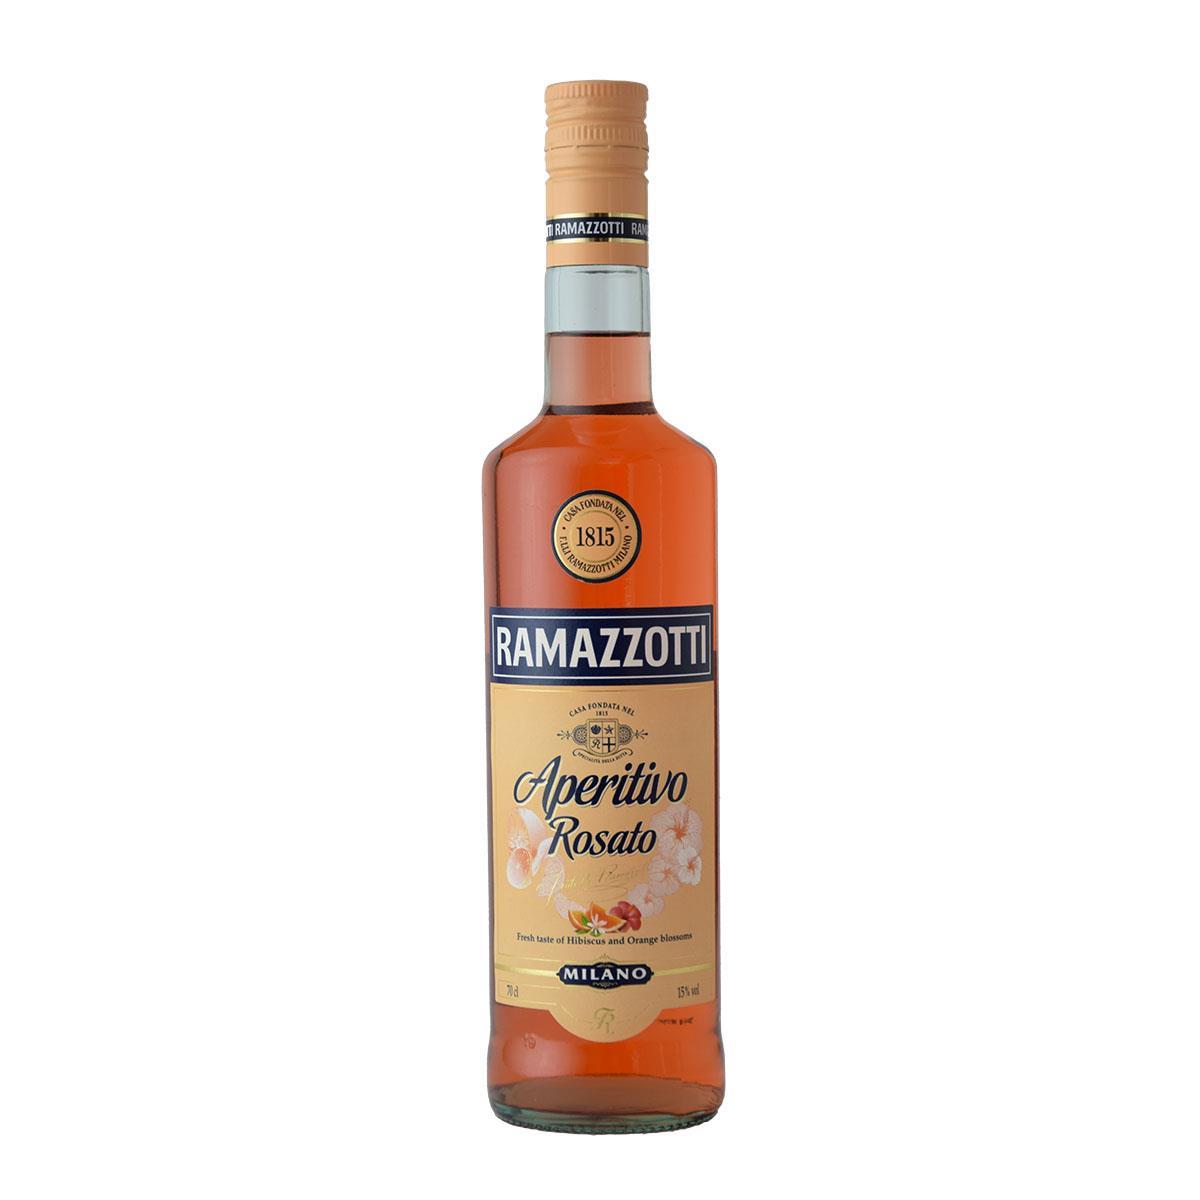 Ramazzotti Aperitivo Rosato 700ml